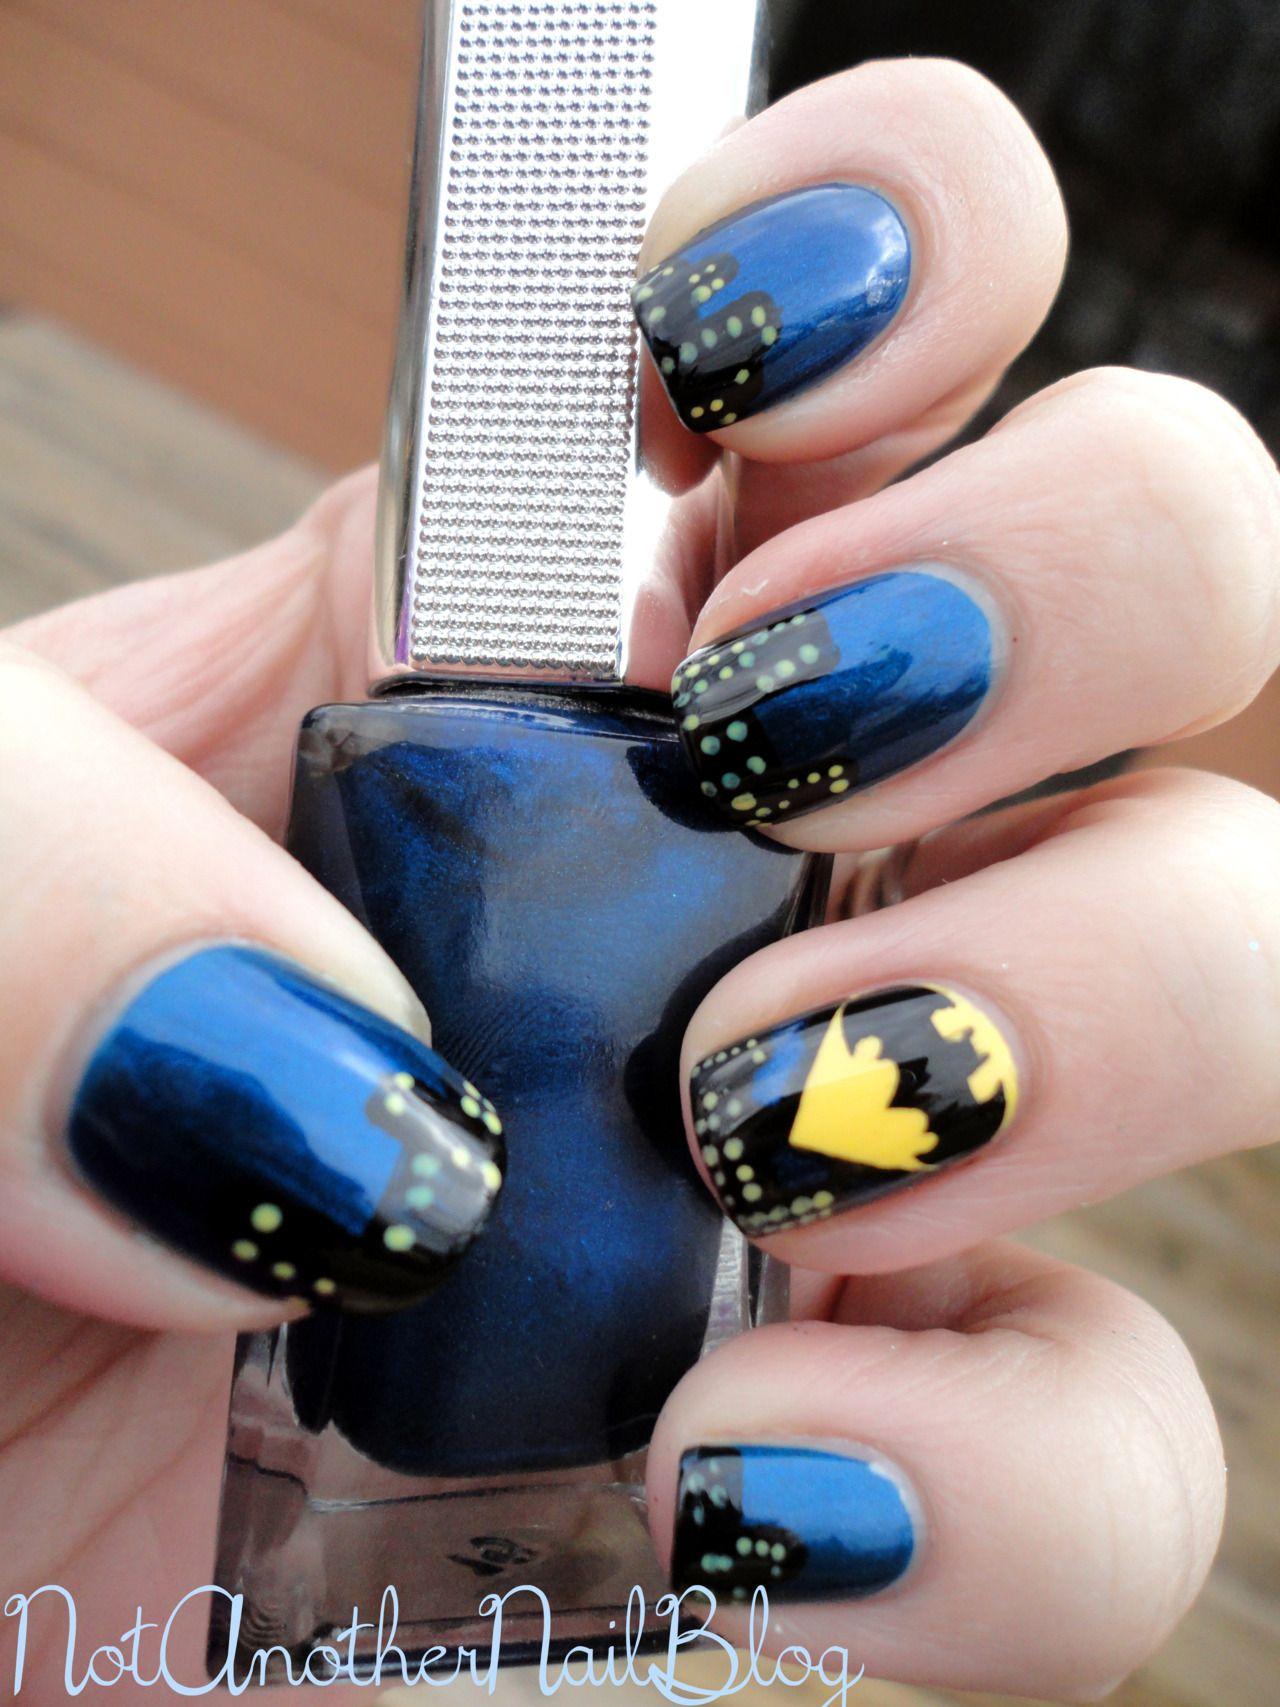 A Nail Art Gallery Httpanailartgallery Nails